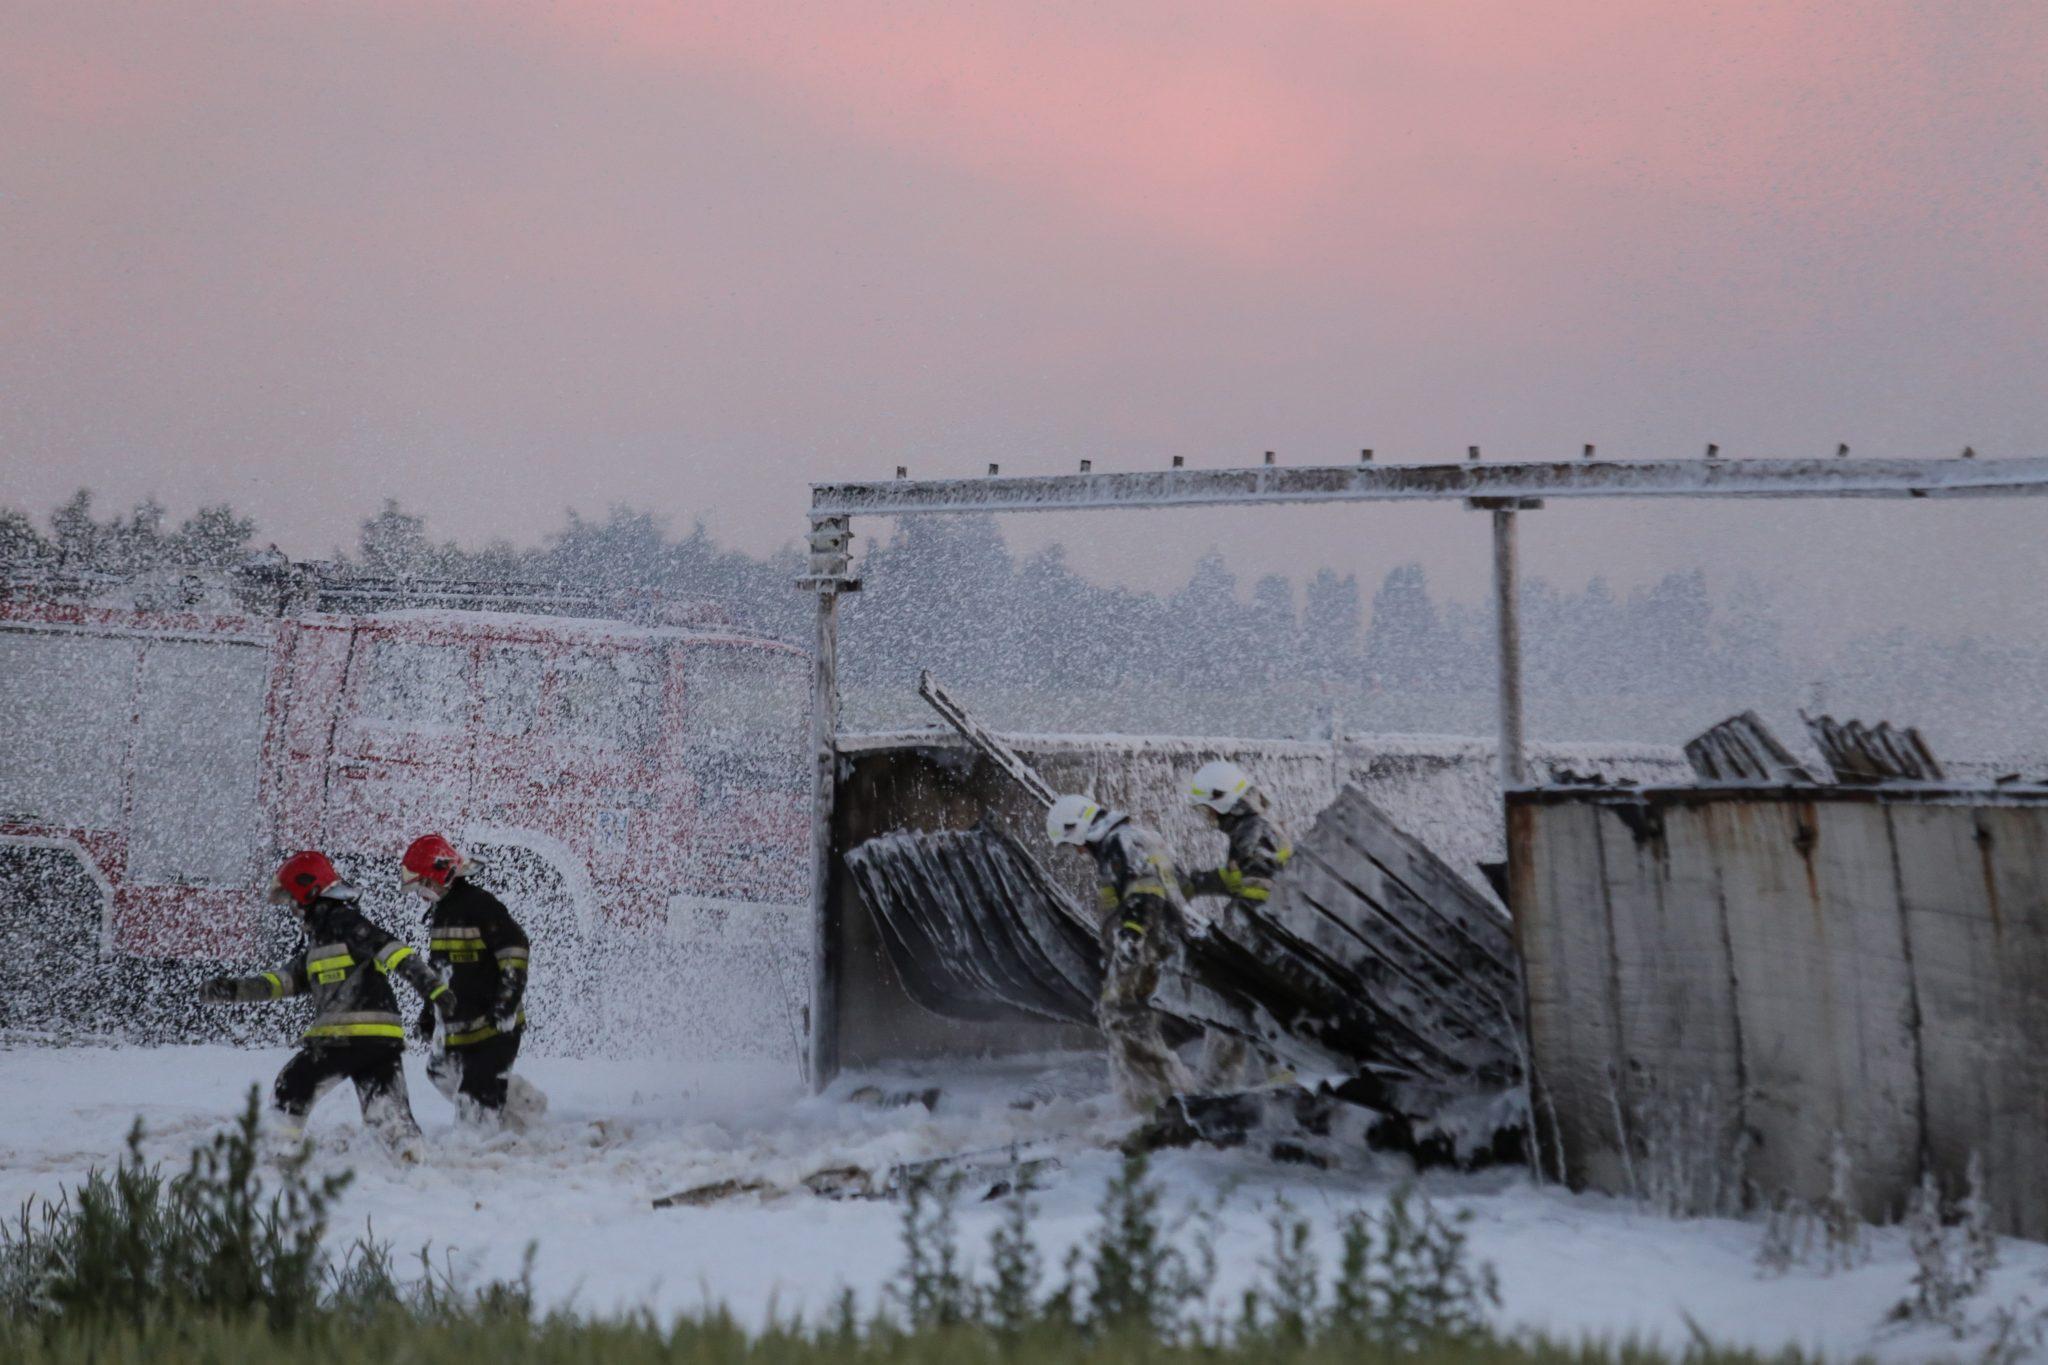 Piekary Śląskie: kilkanaście zastępów straży pożarnej brało udział w gaszeniu pożaru składowiska makulatury, fot: Dominik Gajda, PAP